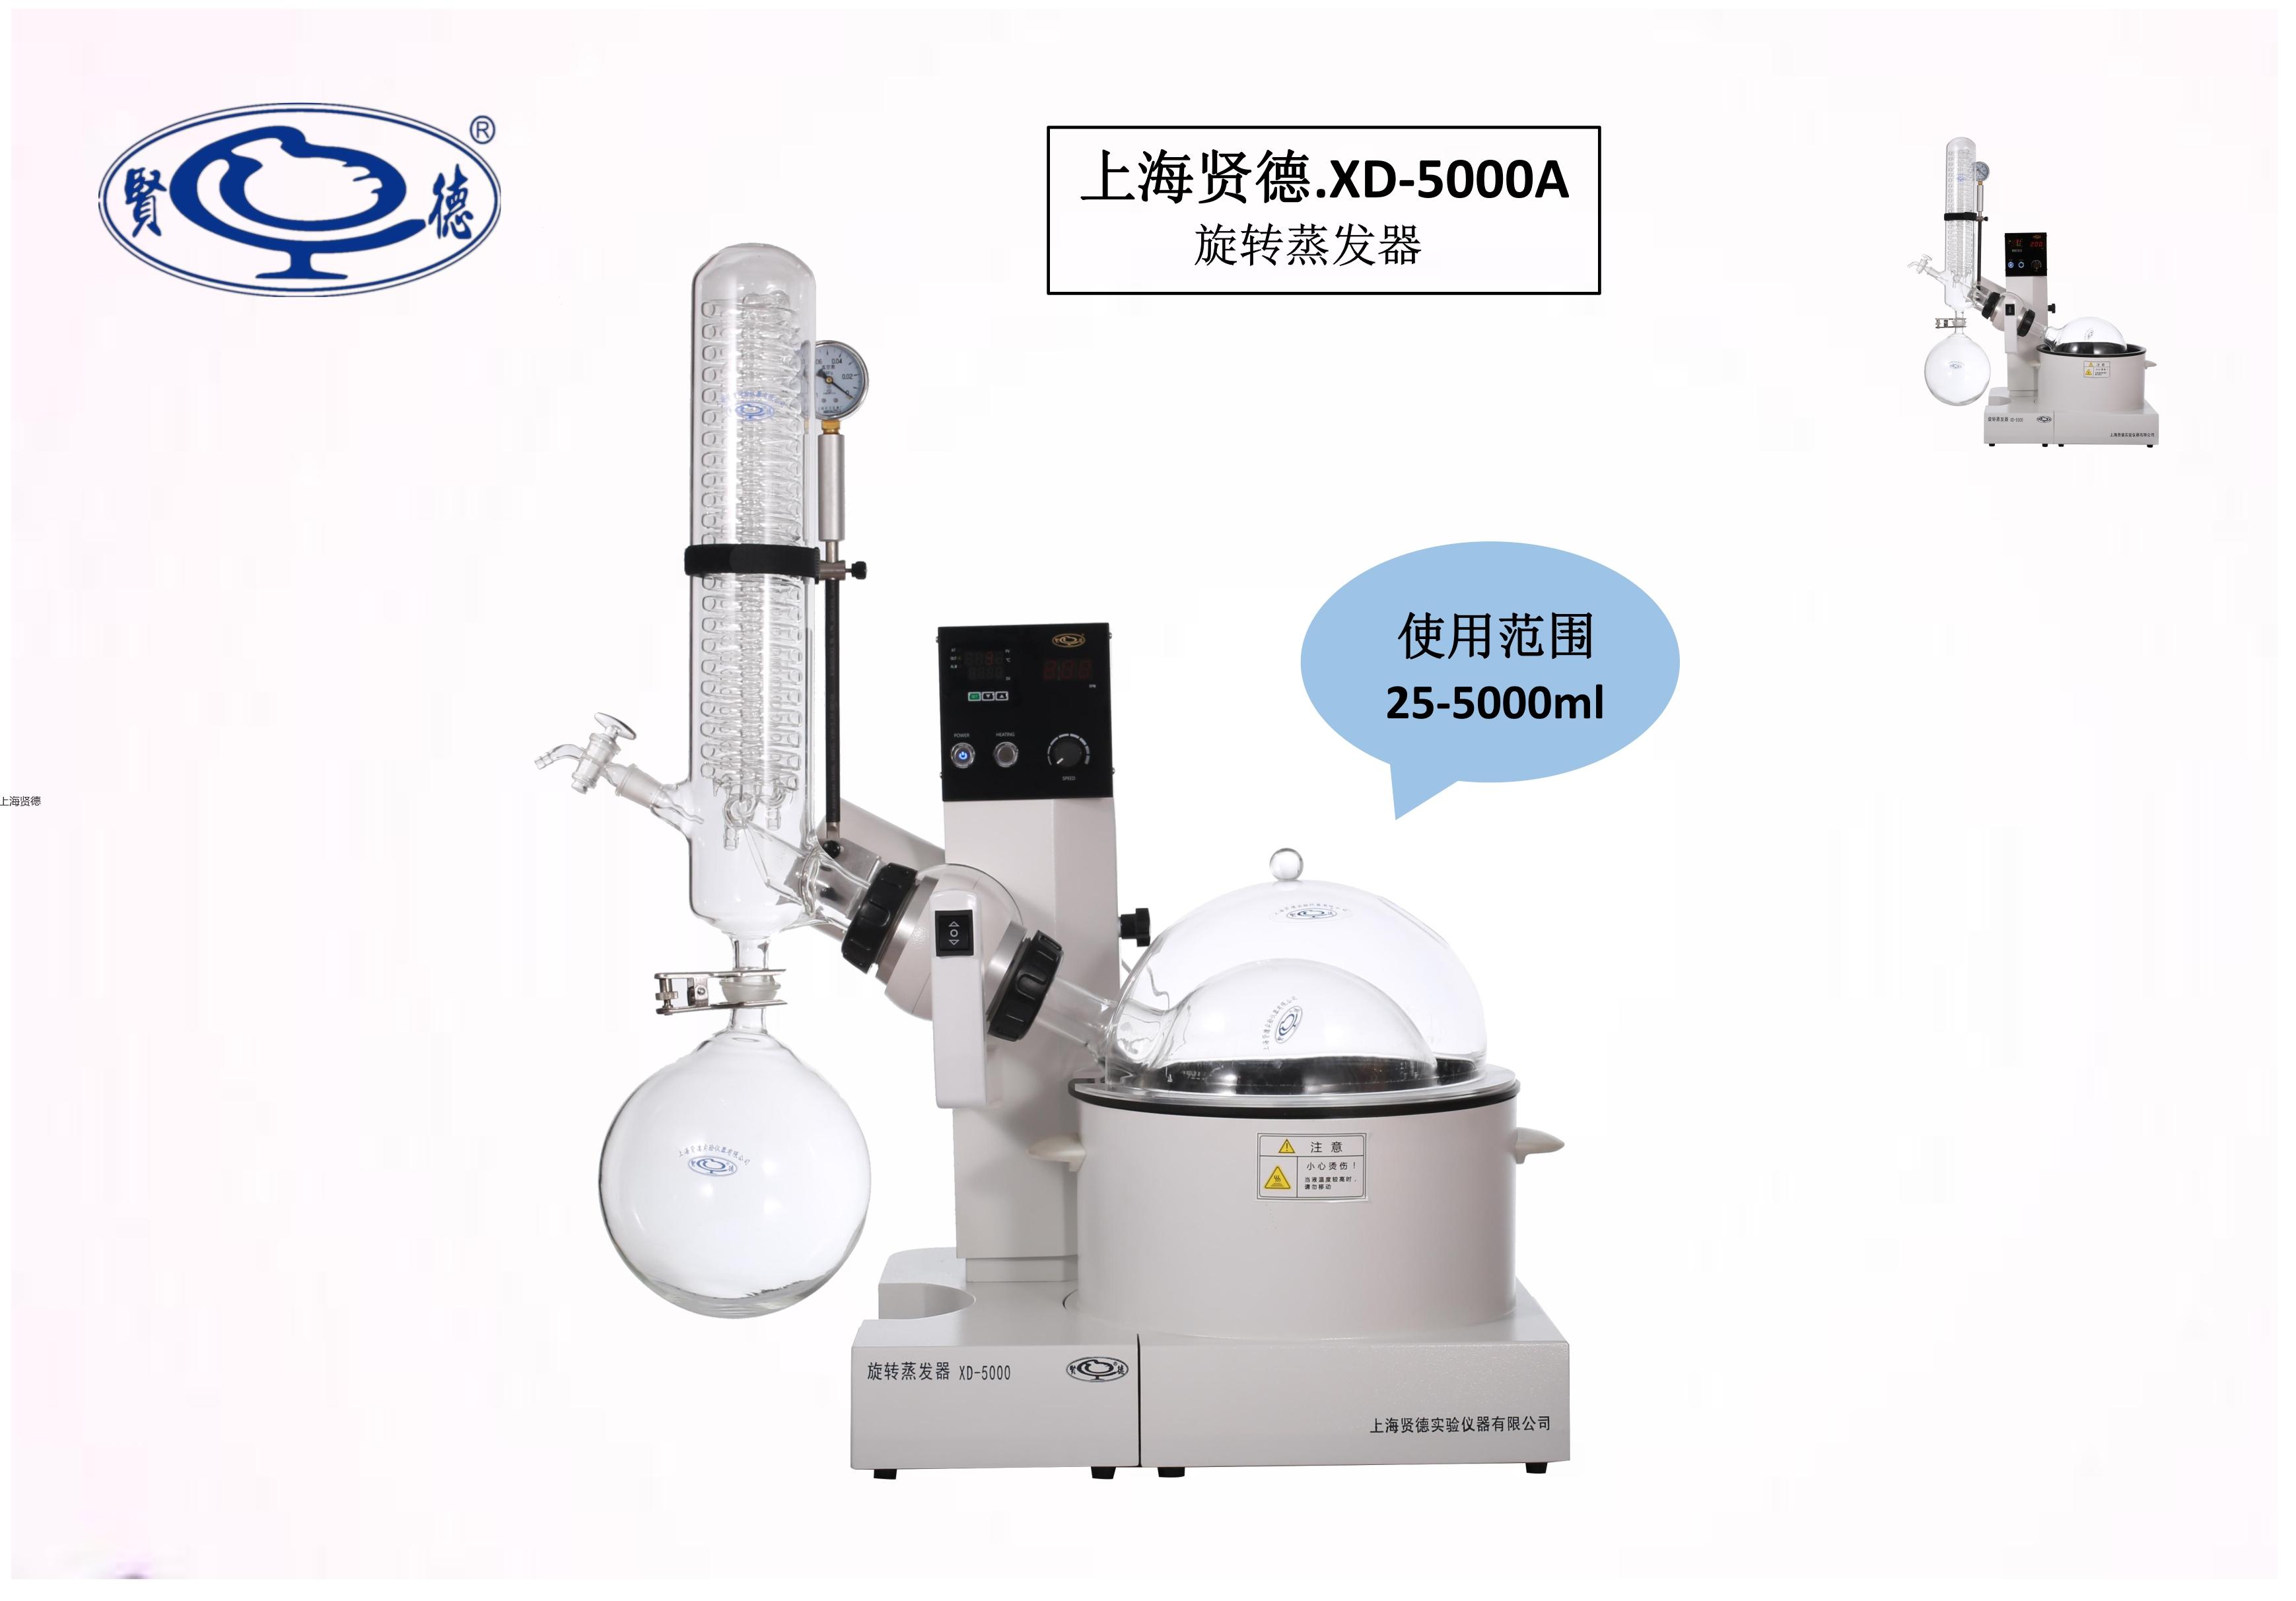 上海贤德XD-5000 旋转蒸发器【原型号RE-5000】旋转蒸发仪